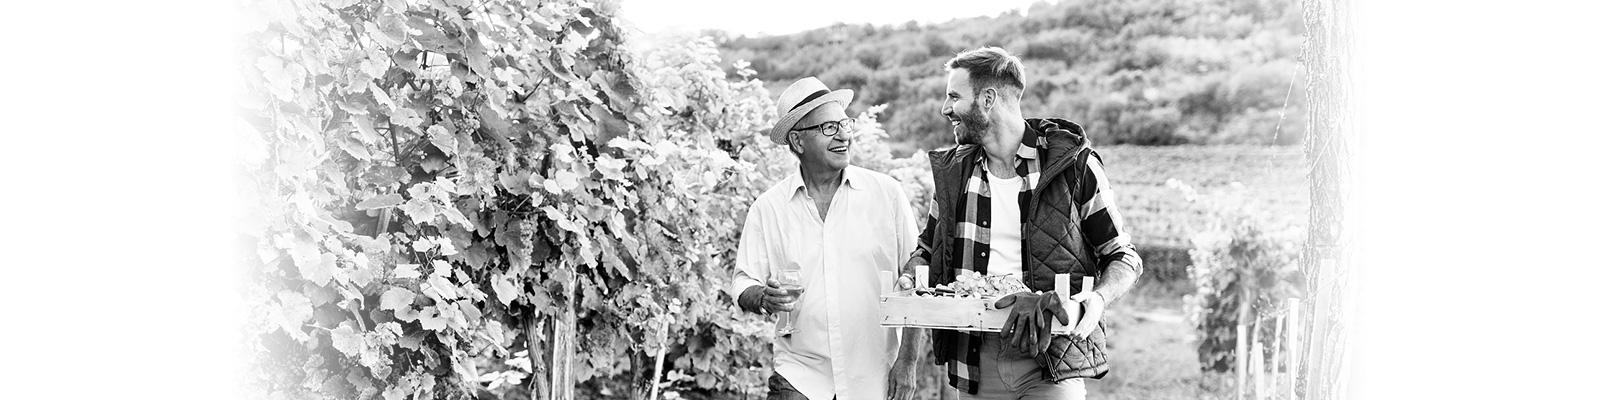 農業 ワイン カリフォルニア イメージ